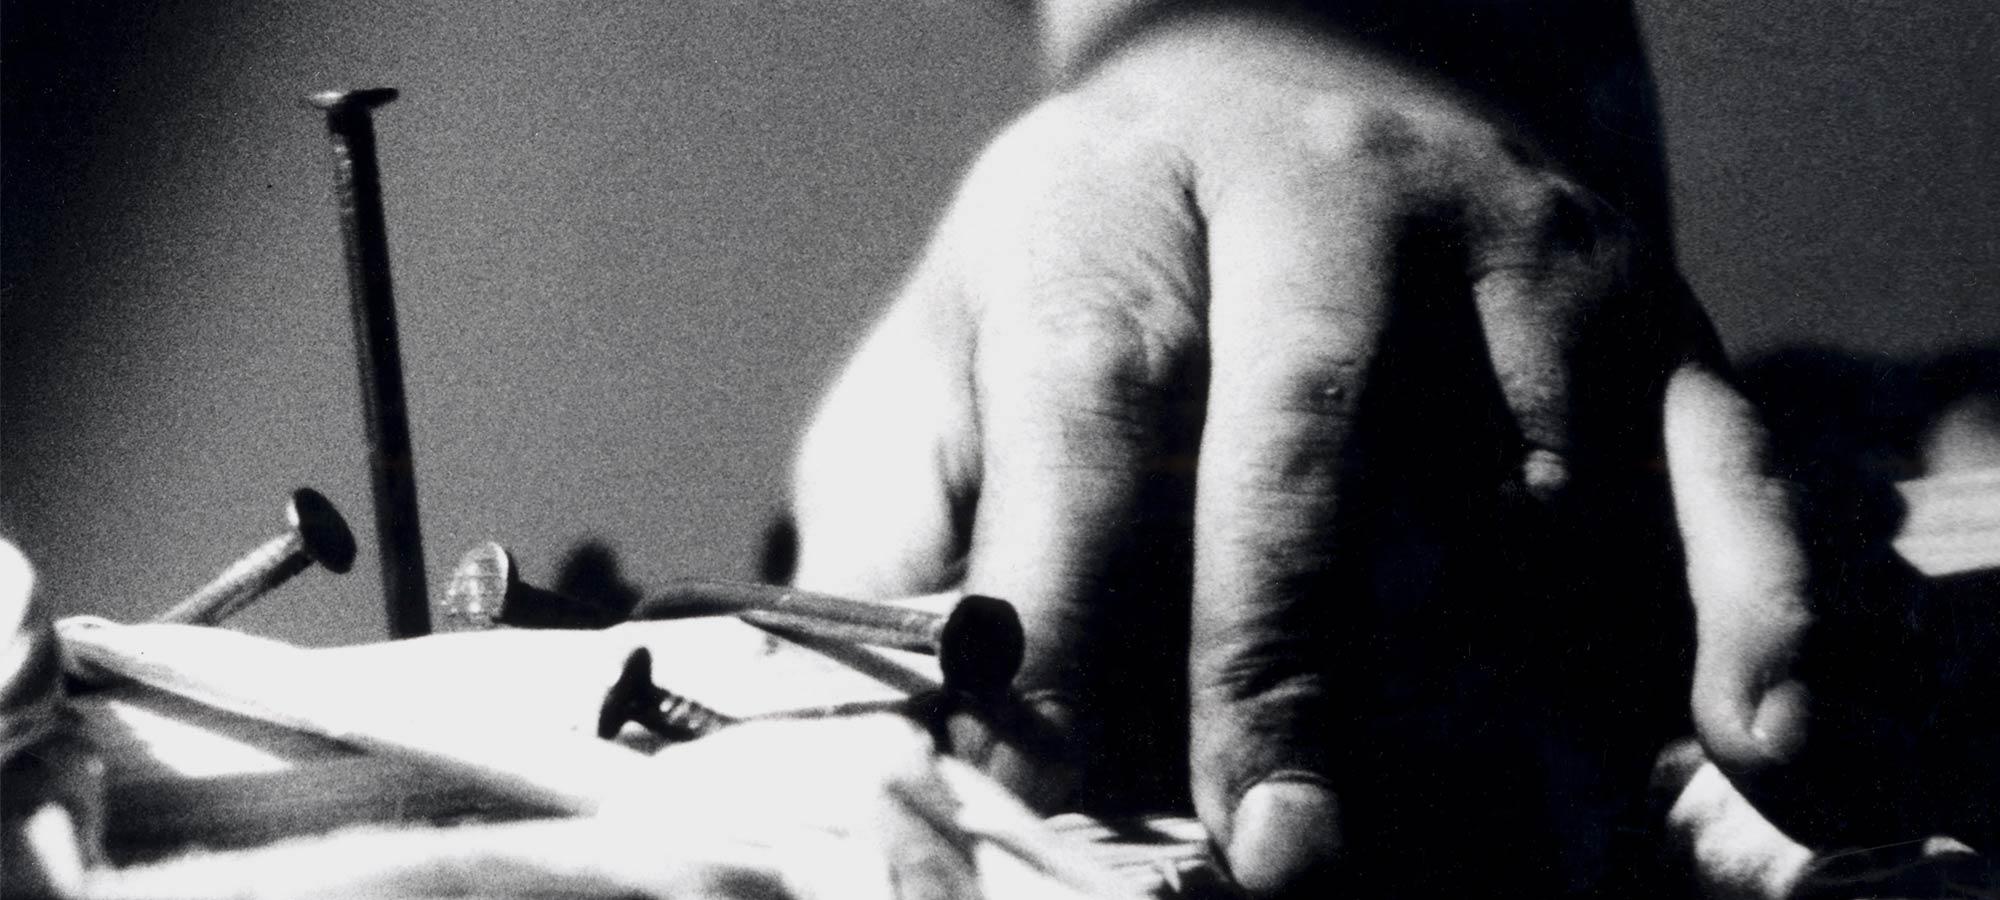 Günther Uecker – Verletzung Verbindung (Heridas – Conexiones, Injuries – Connectiones)